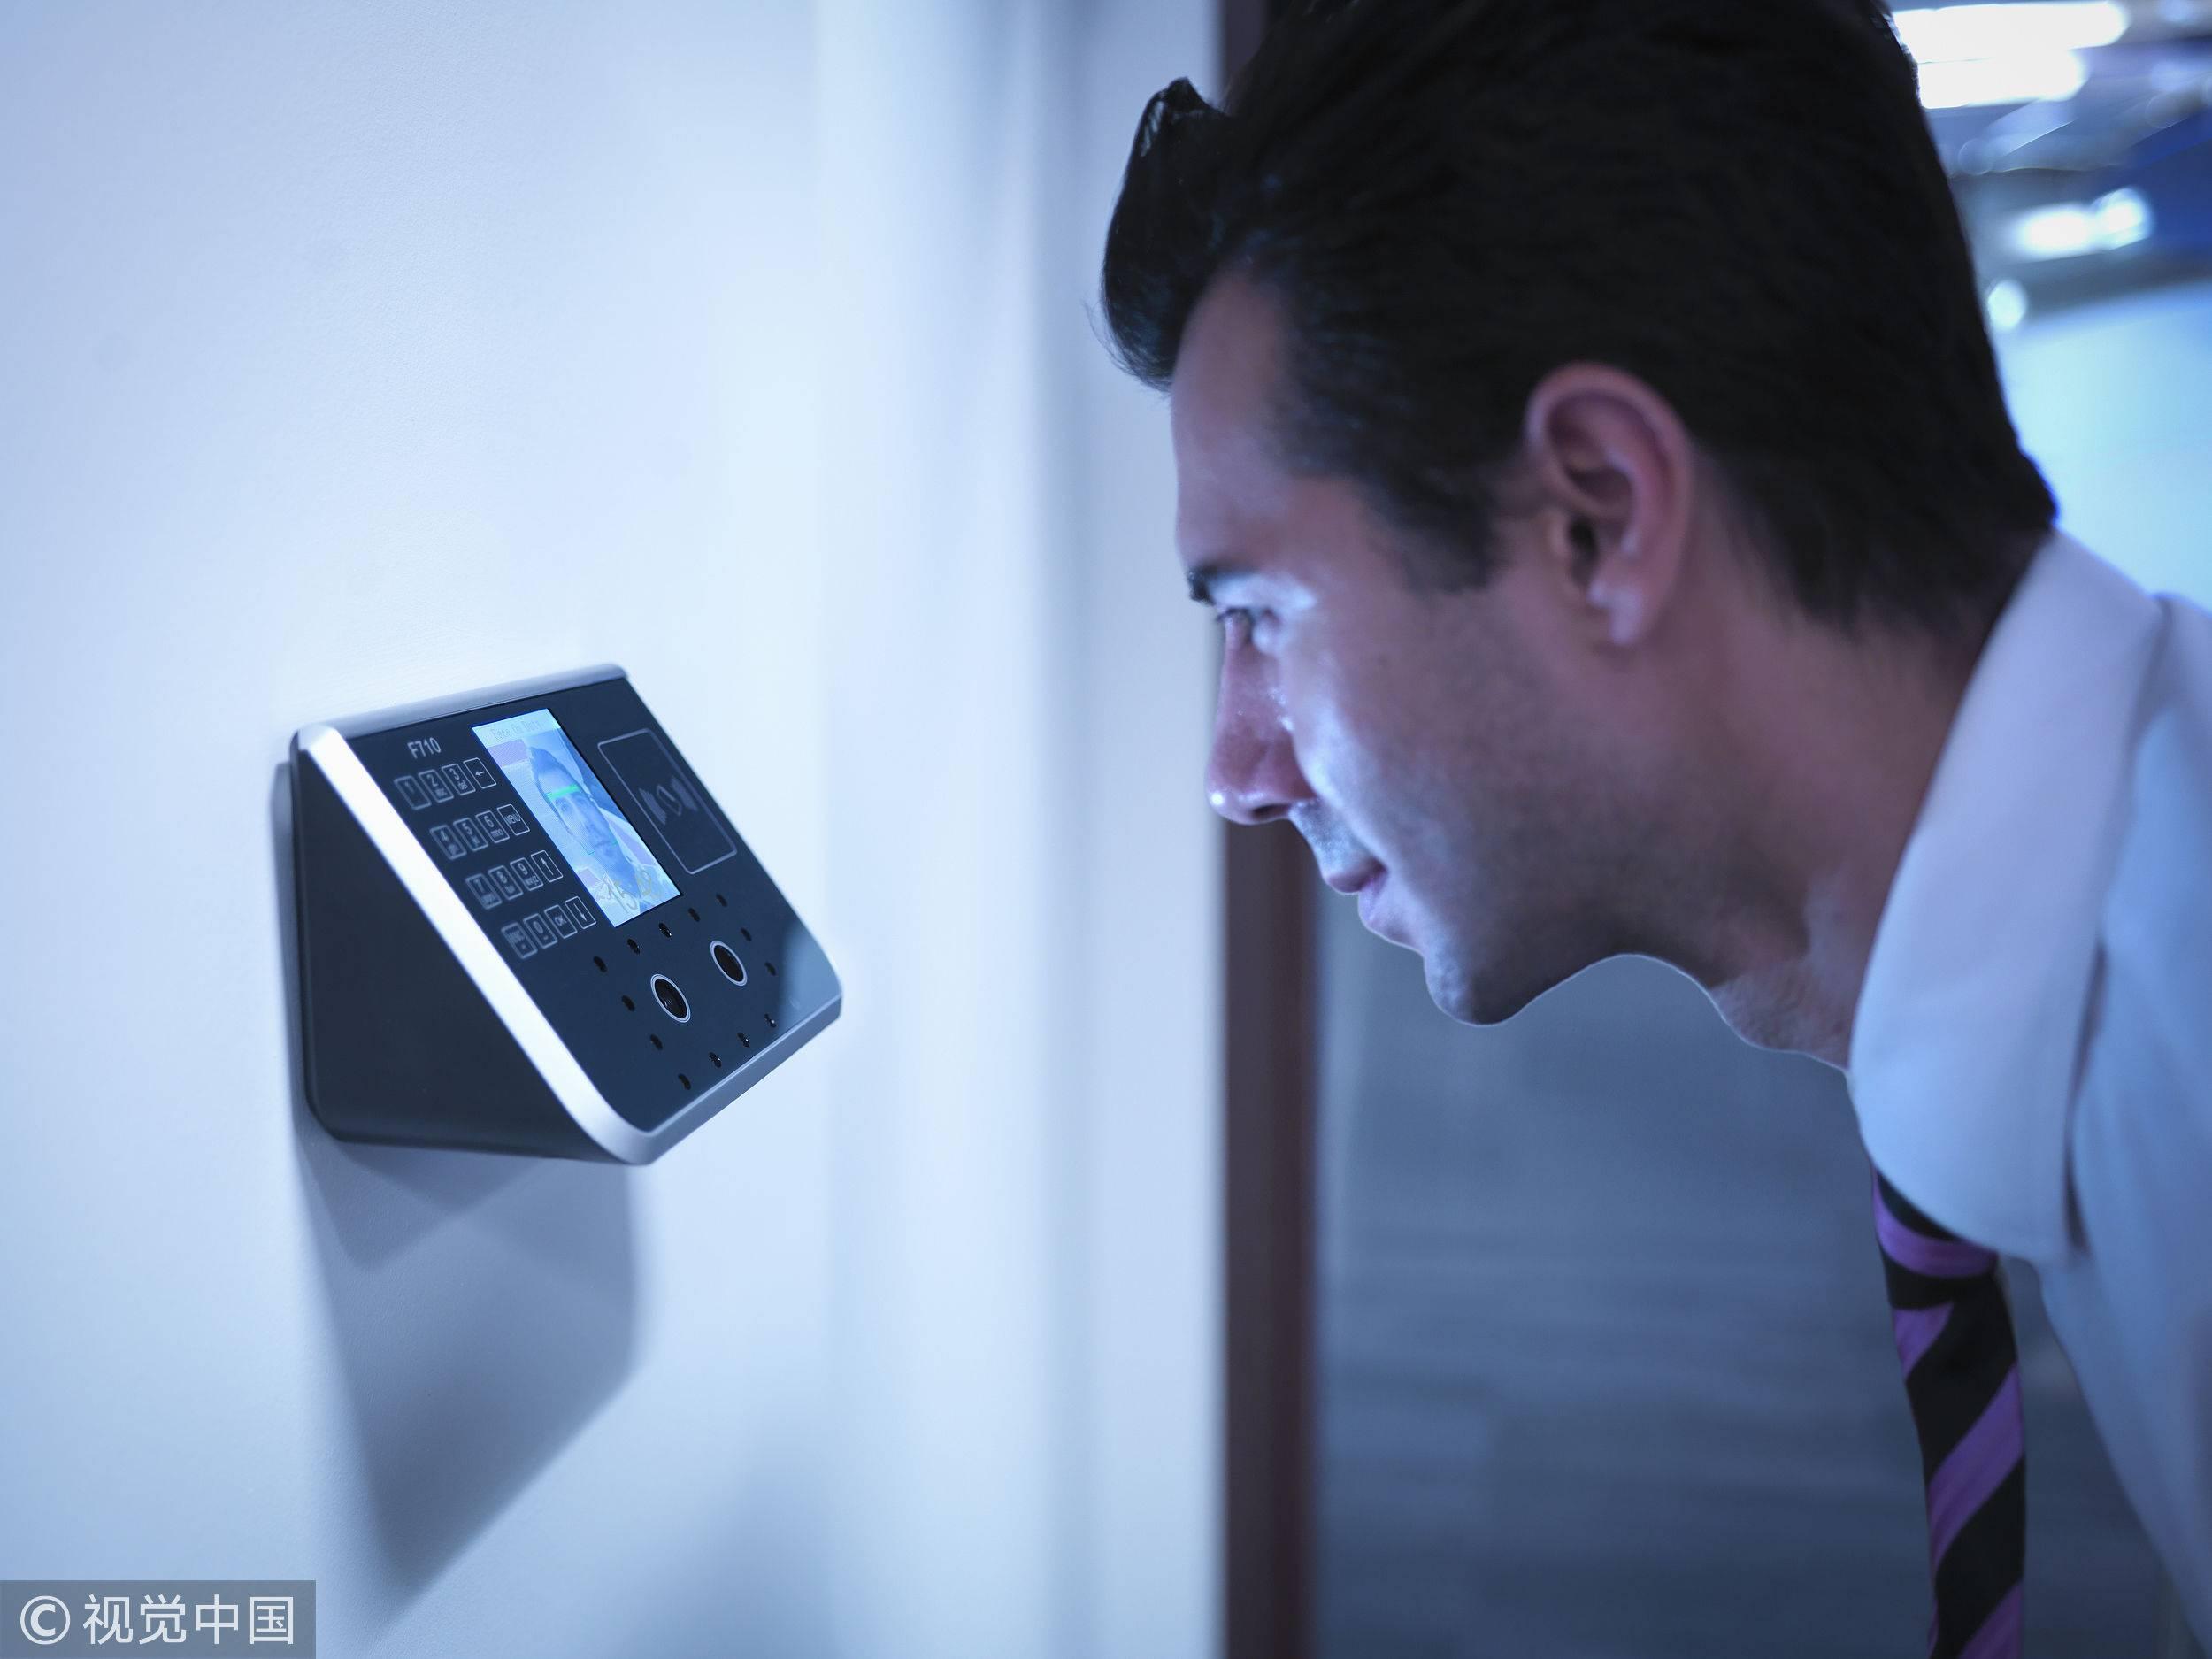 抓拍系统升级 开启人脸识别技术